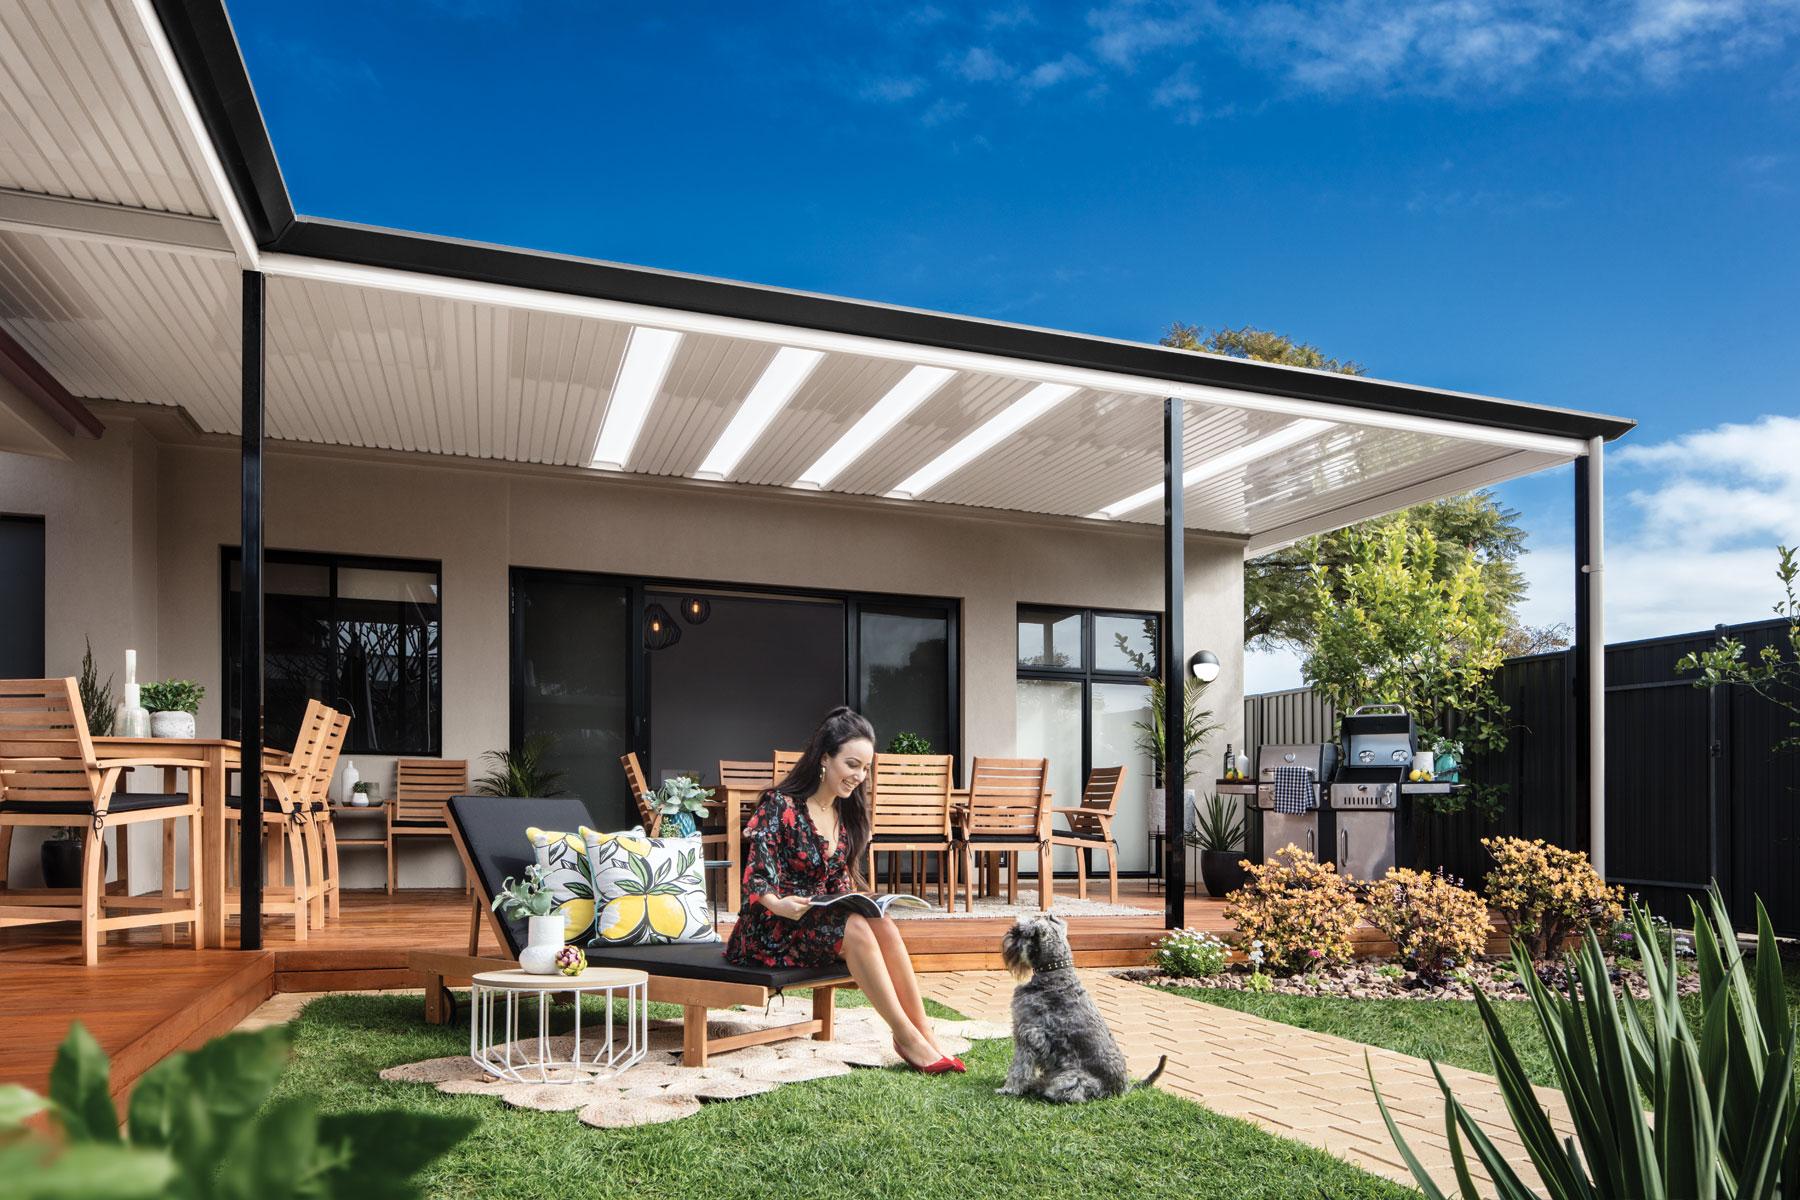 outdoor patio designs ideas roofing